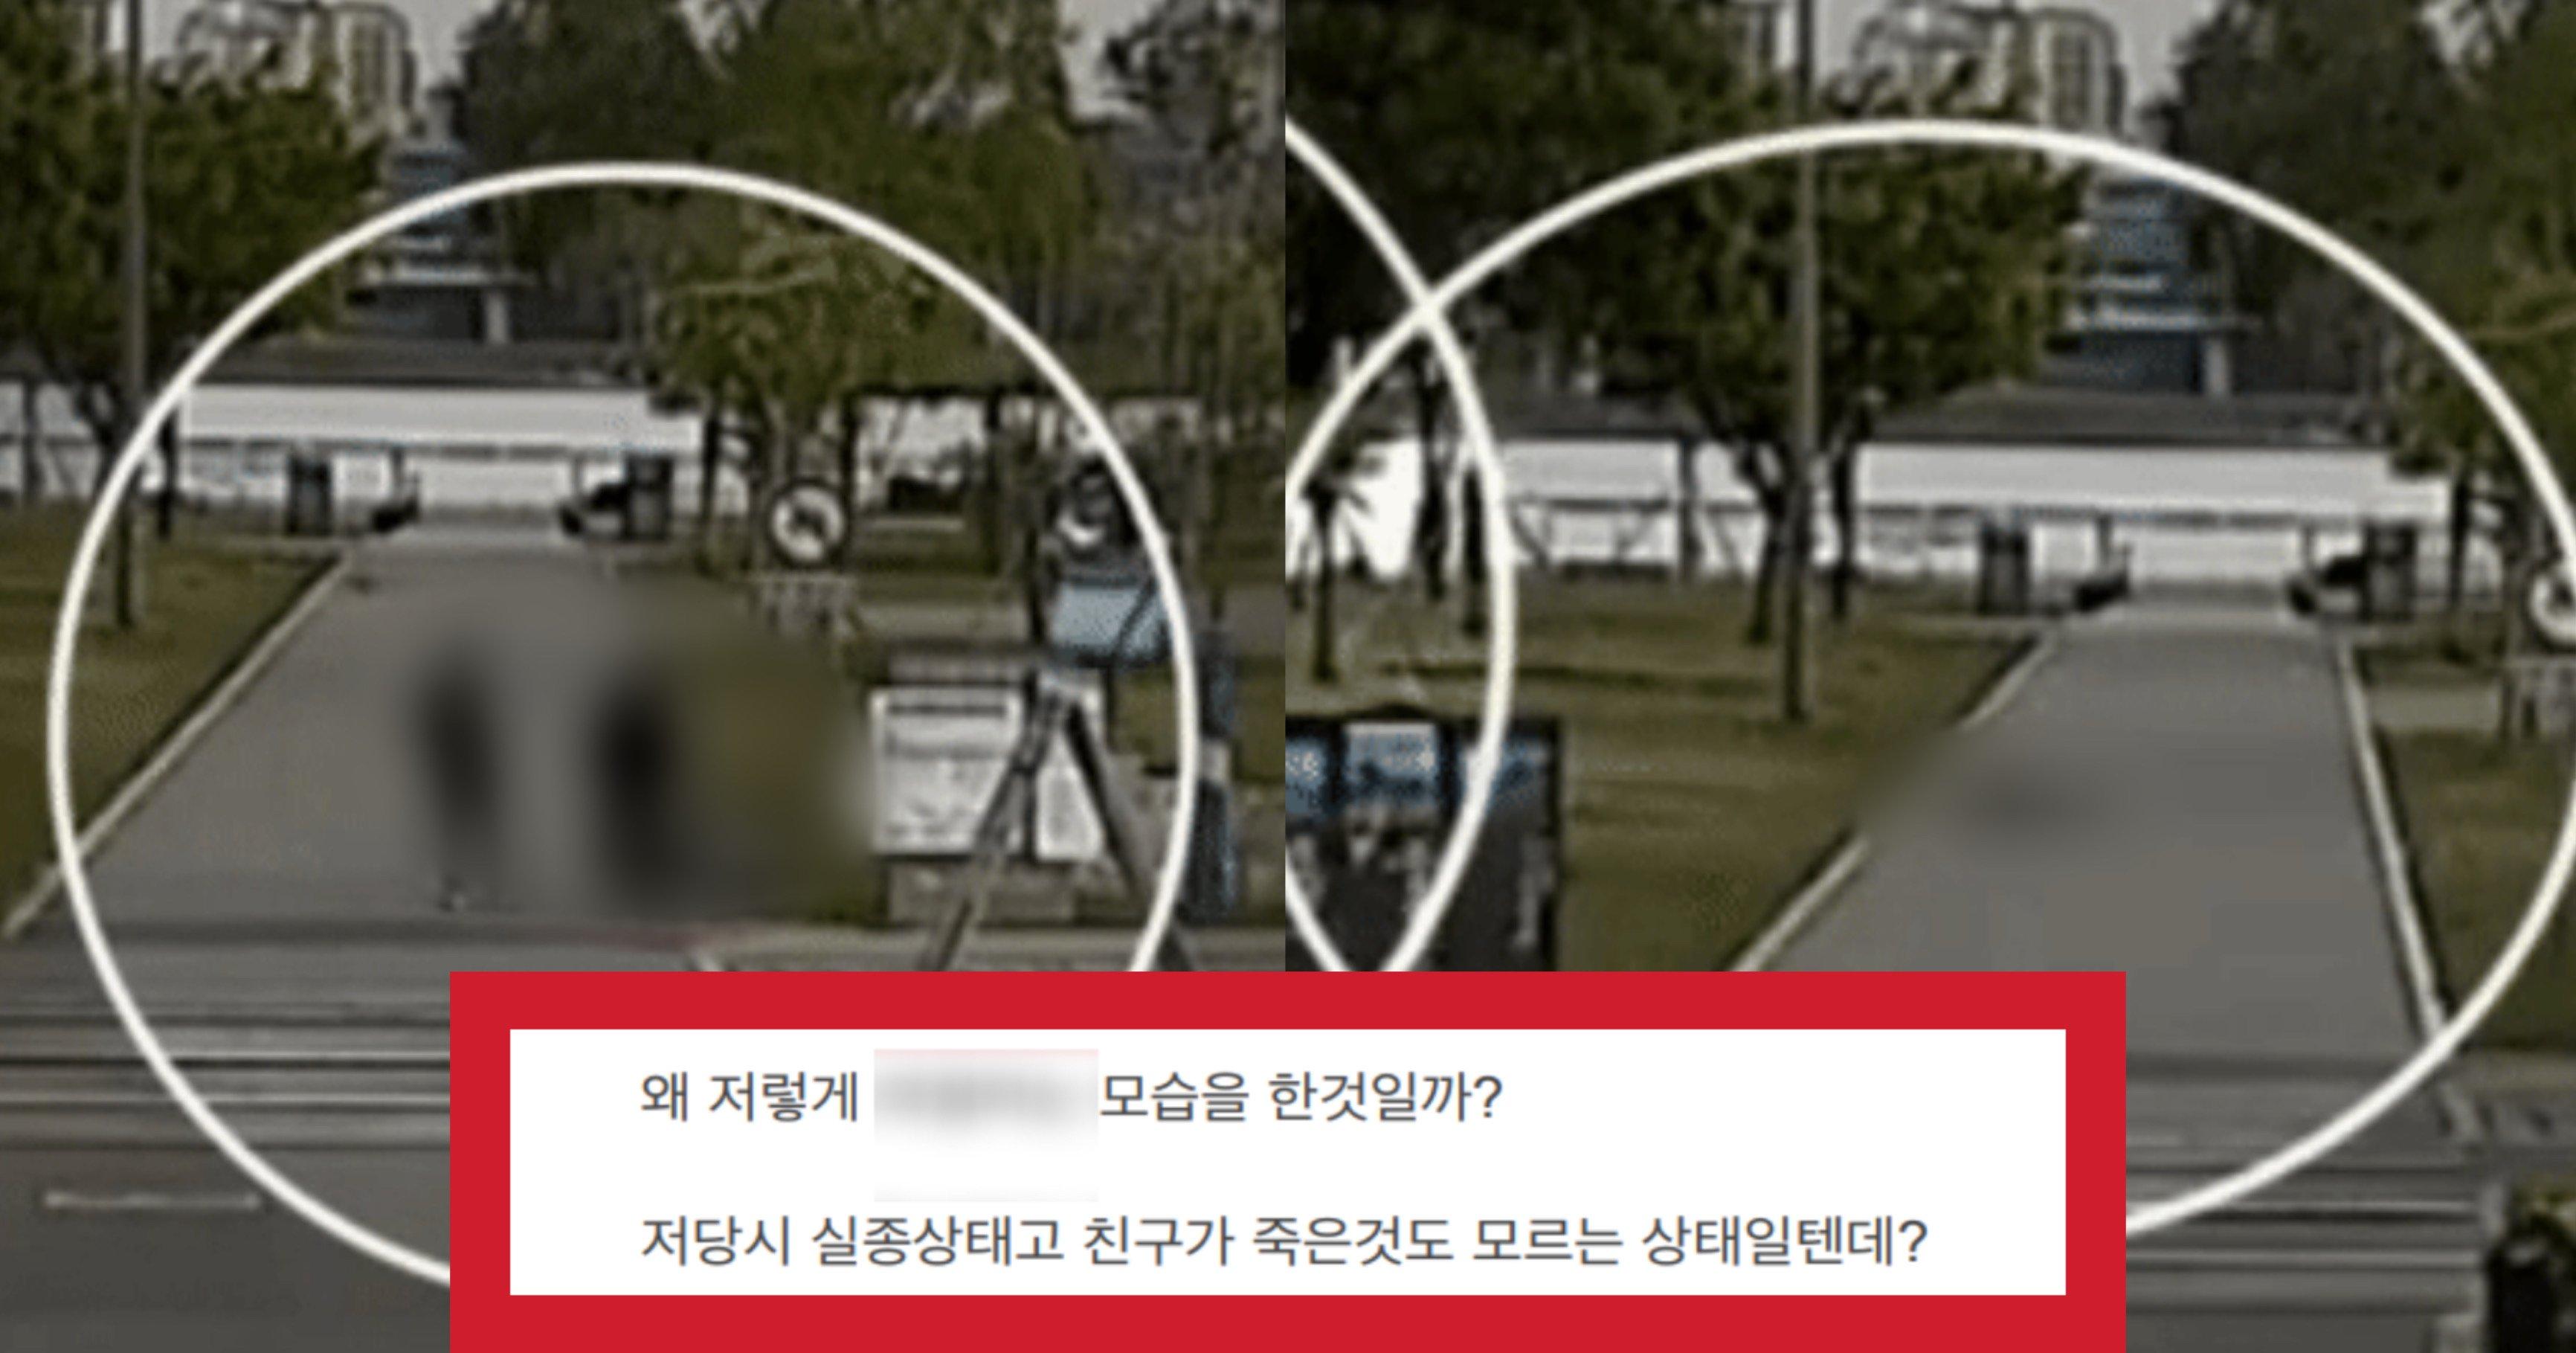 """95e73d06 28a8 4e5d a33e 9dfd5d85c927.jpeg?resize=1200,630 - """"왜 이런 행동을 하는 걸까..?"""" 한강 실종 의대생 CCTV 고화질 영상이 공개 되었는데 다소 충격적입니다"""